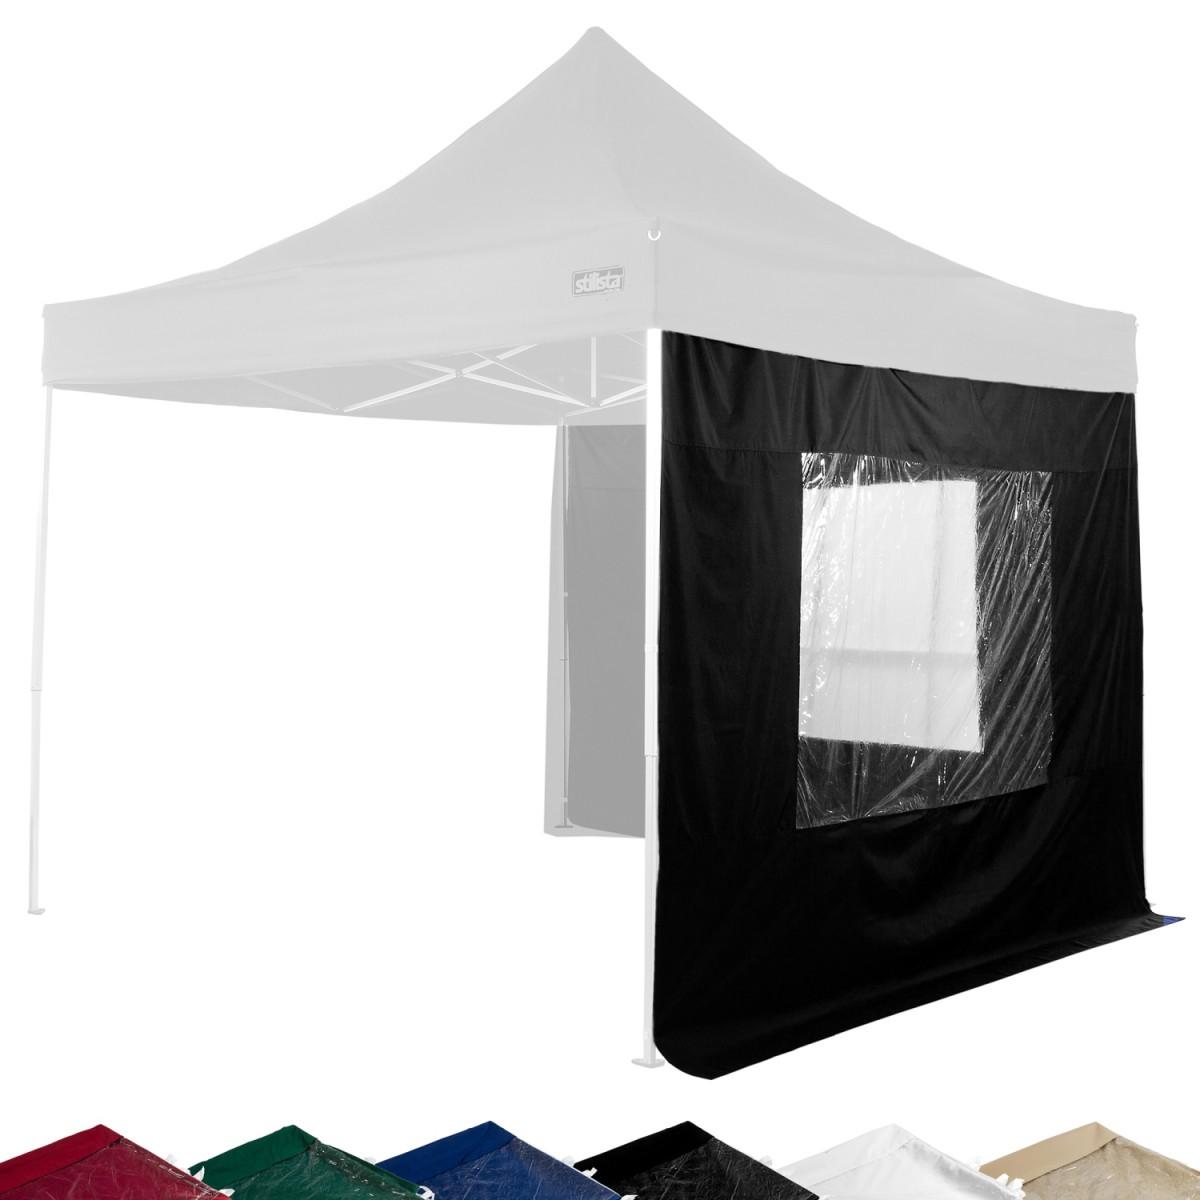 Stilista seitenteile fenster pavillon 2er set schwarz for Fenster marken